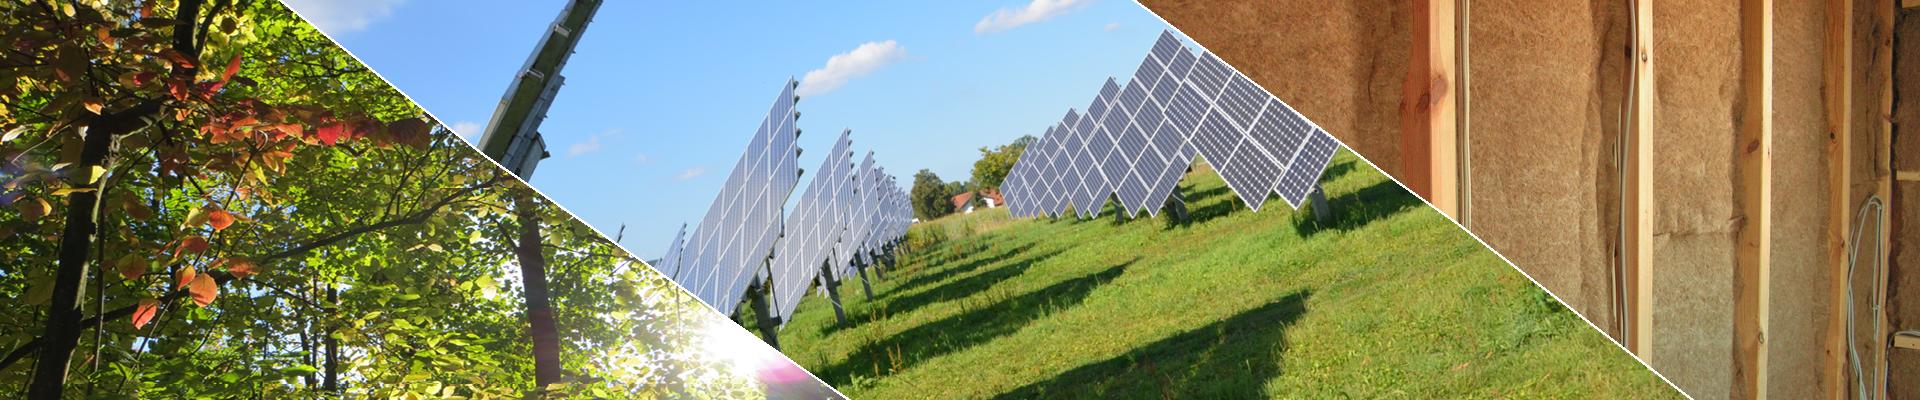 Sektorielle Integration der Energiesysteme: Ziele, Instrumente und Regulierung